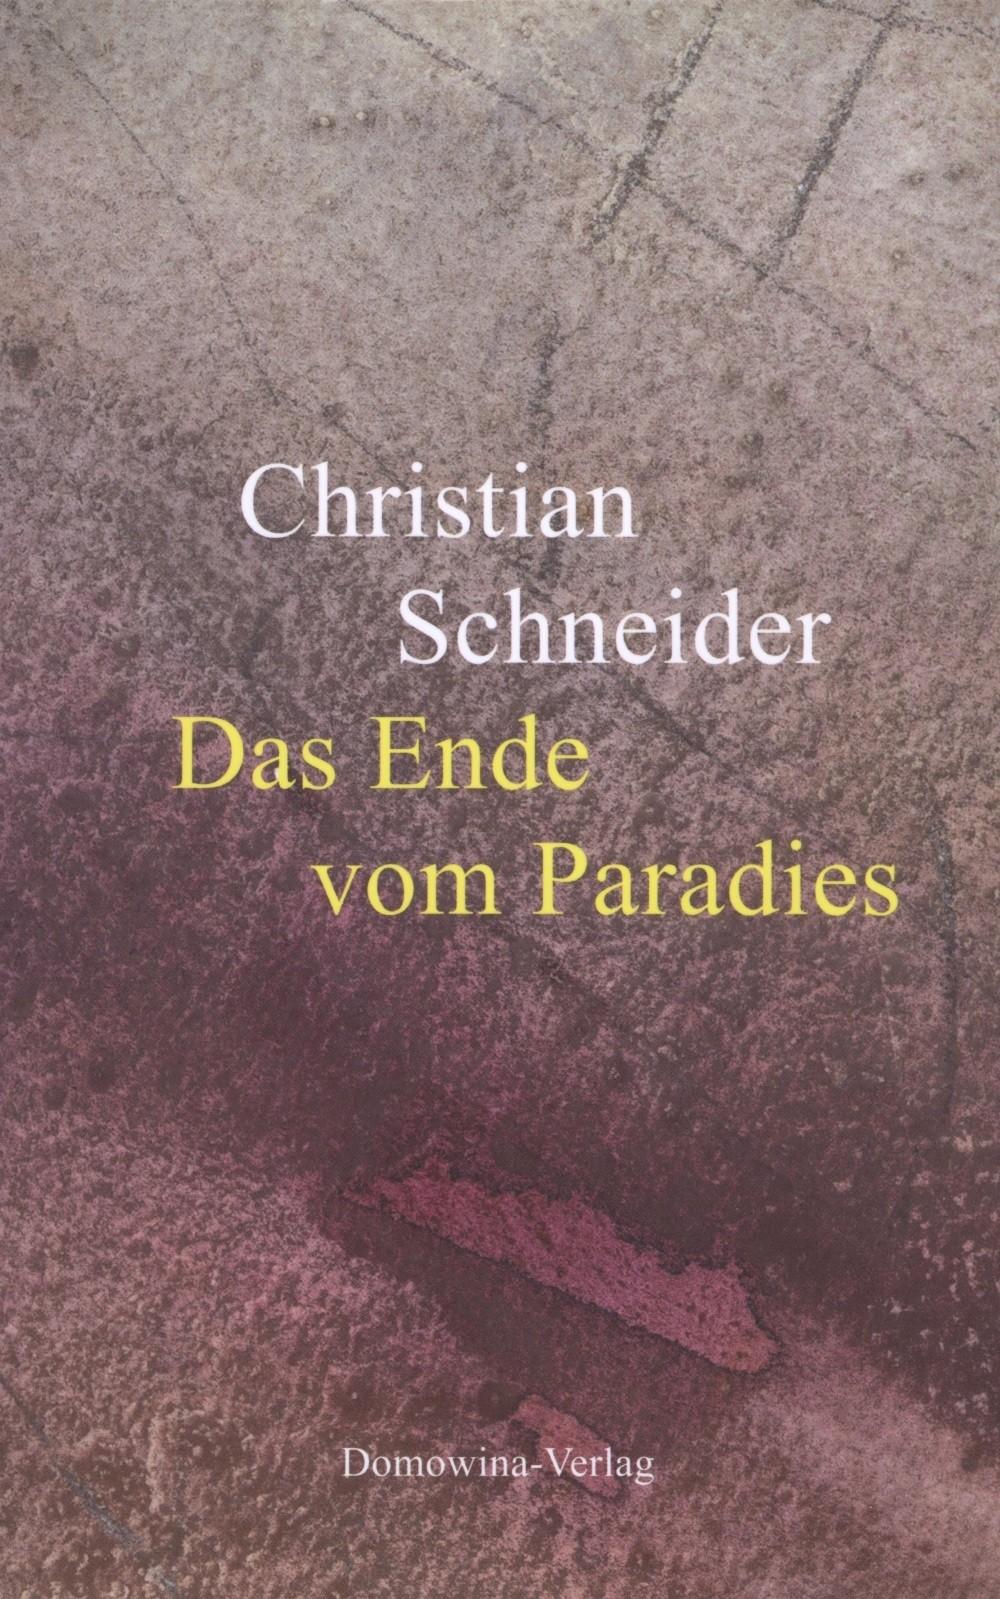 Das Ende vom Paradies, 2. Aufl.